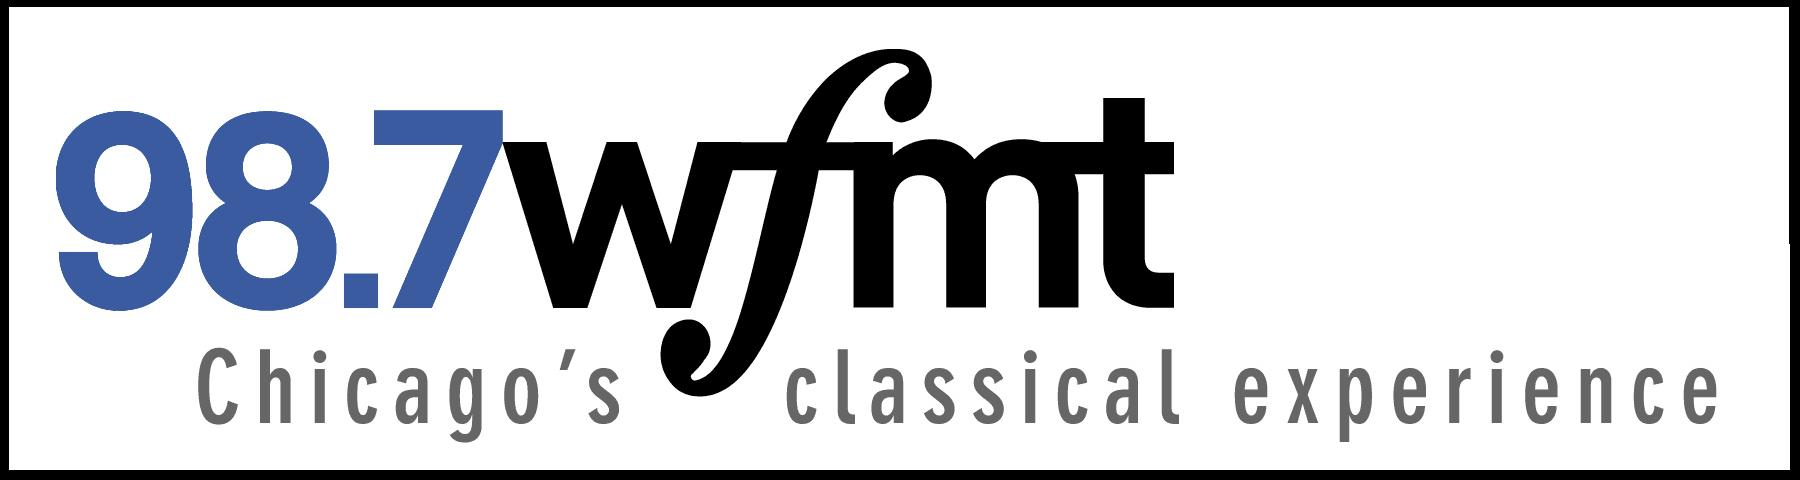 WFMT 98.7 Logo